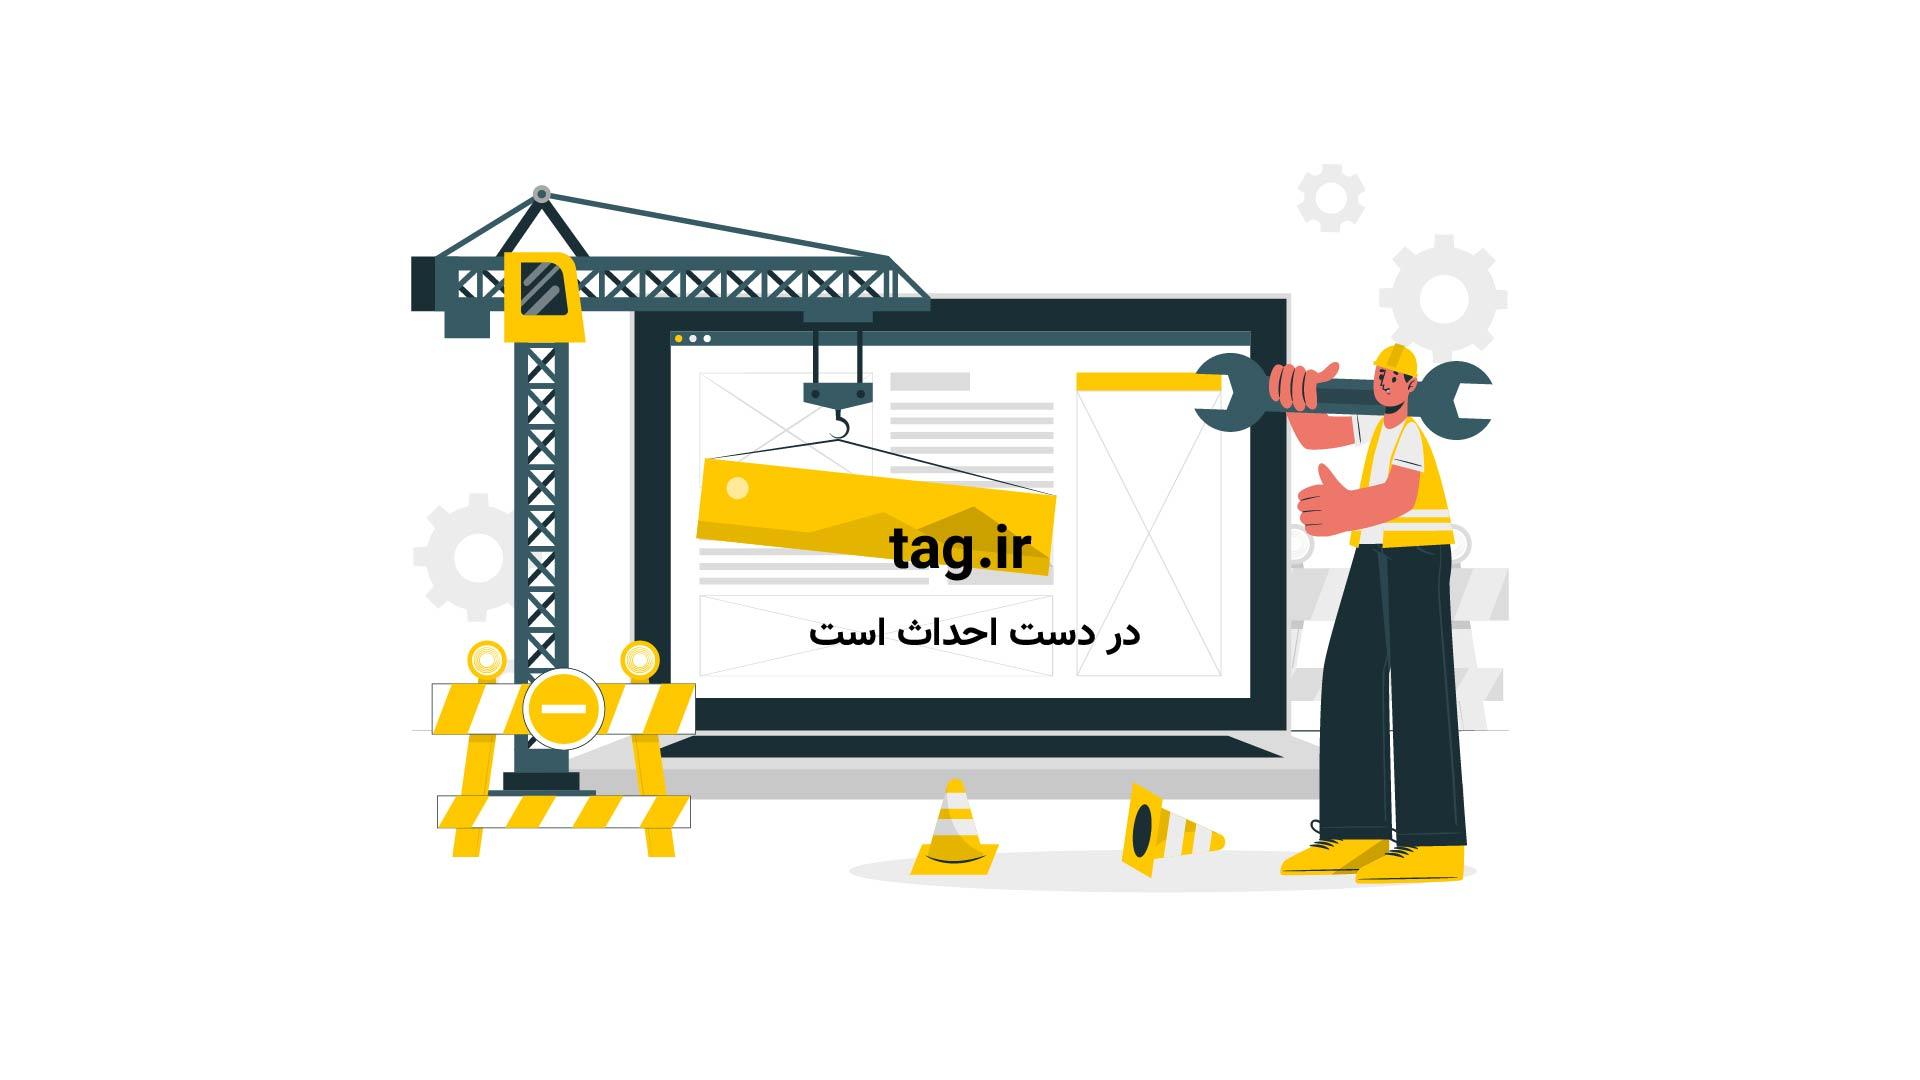 سخنرانیهای تد؛ کامپیوترهایی که خودشان را برنامهریزی میکنند | فیلم